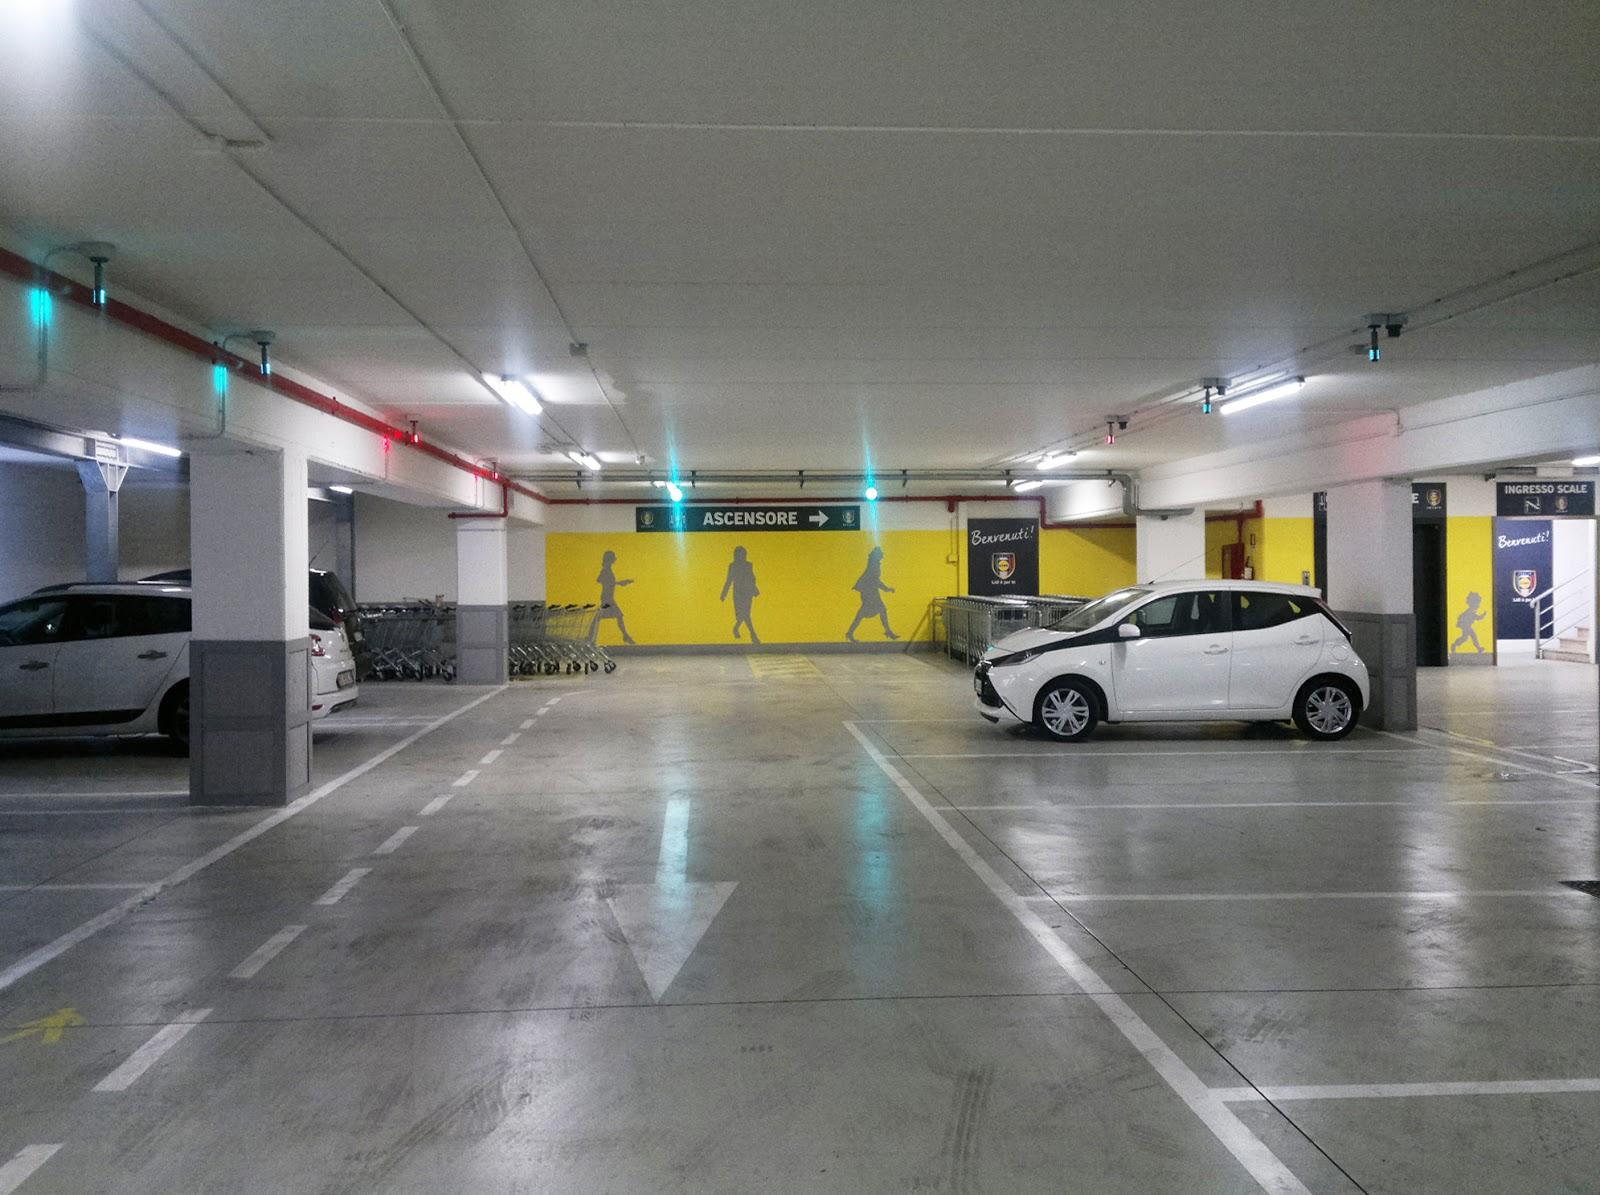 Illuminazione led casa segnaletica parcheggio display - Parcheggio interrato ...